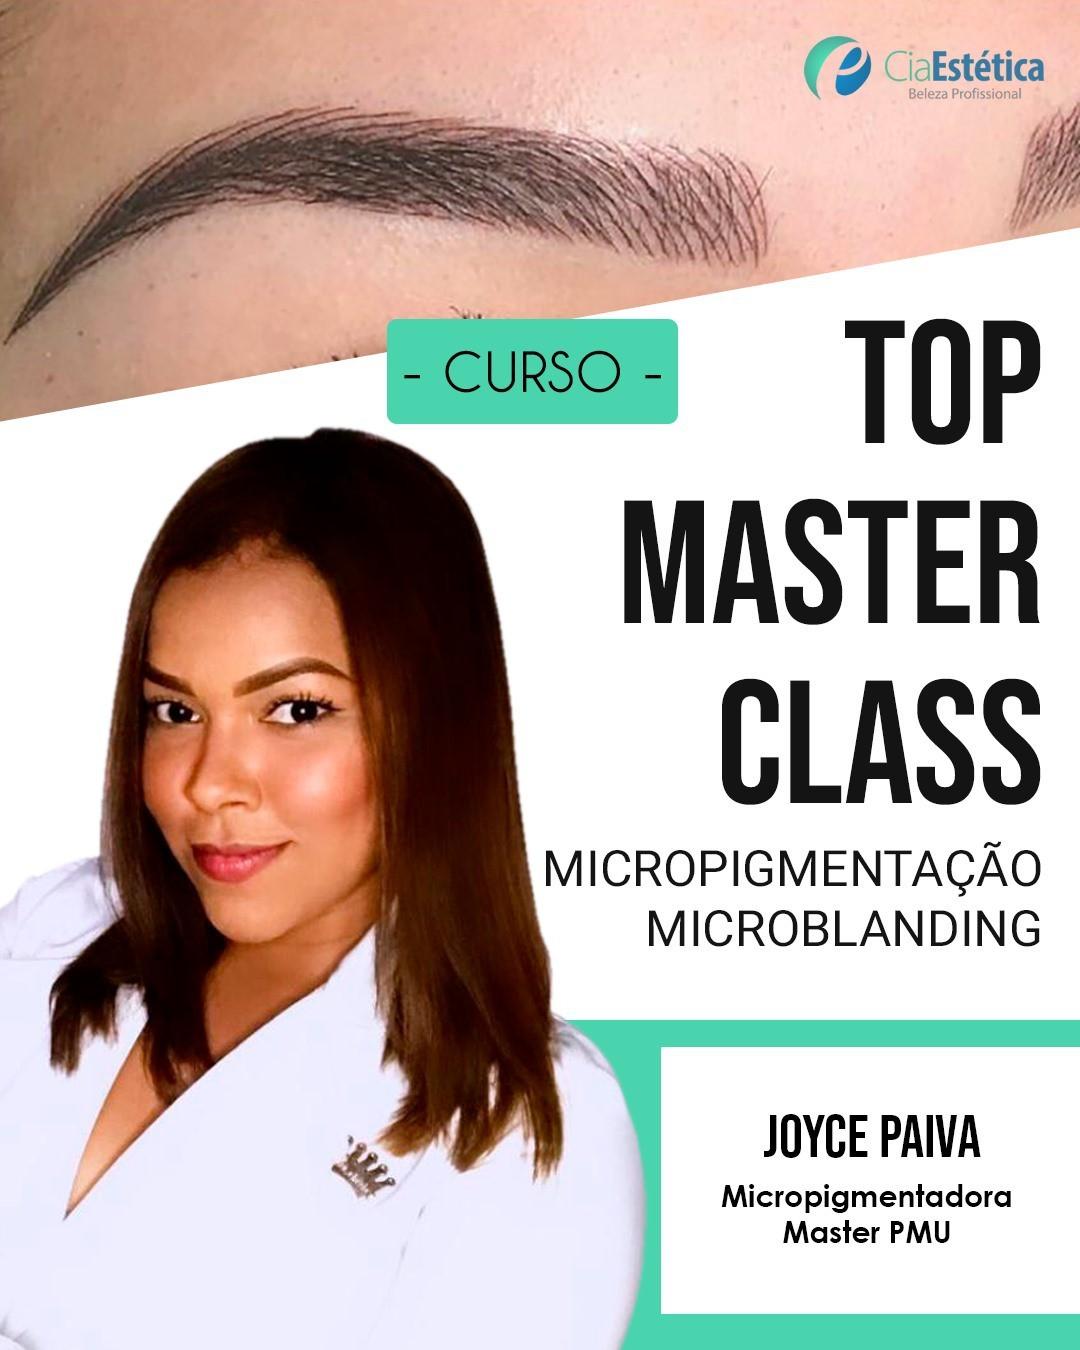 Curso de Micropigmentação + Microblanding